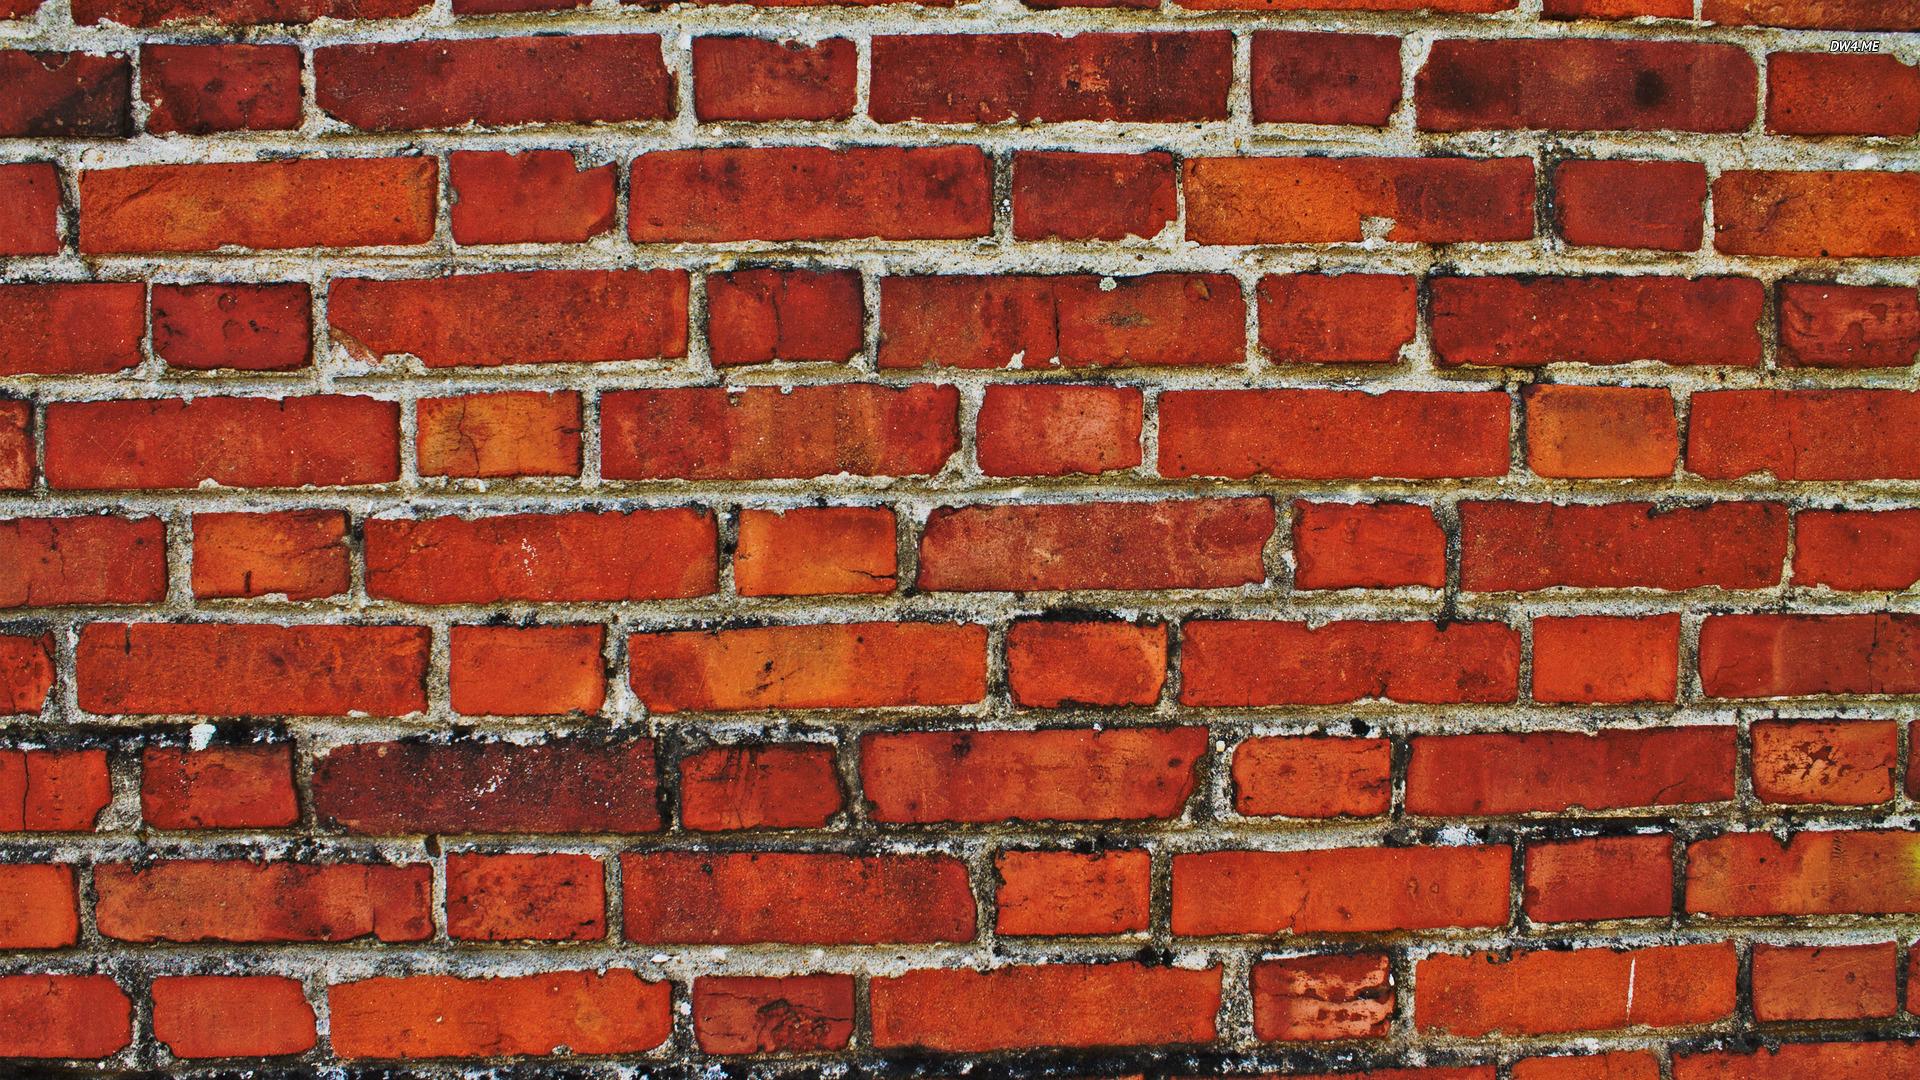 Brick Wall   1749379 1920x1080